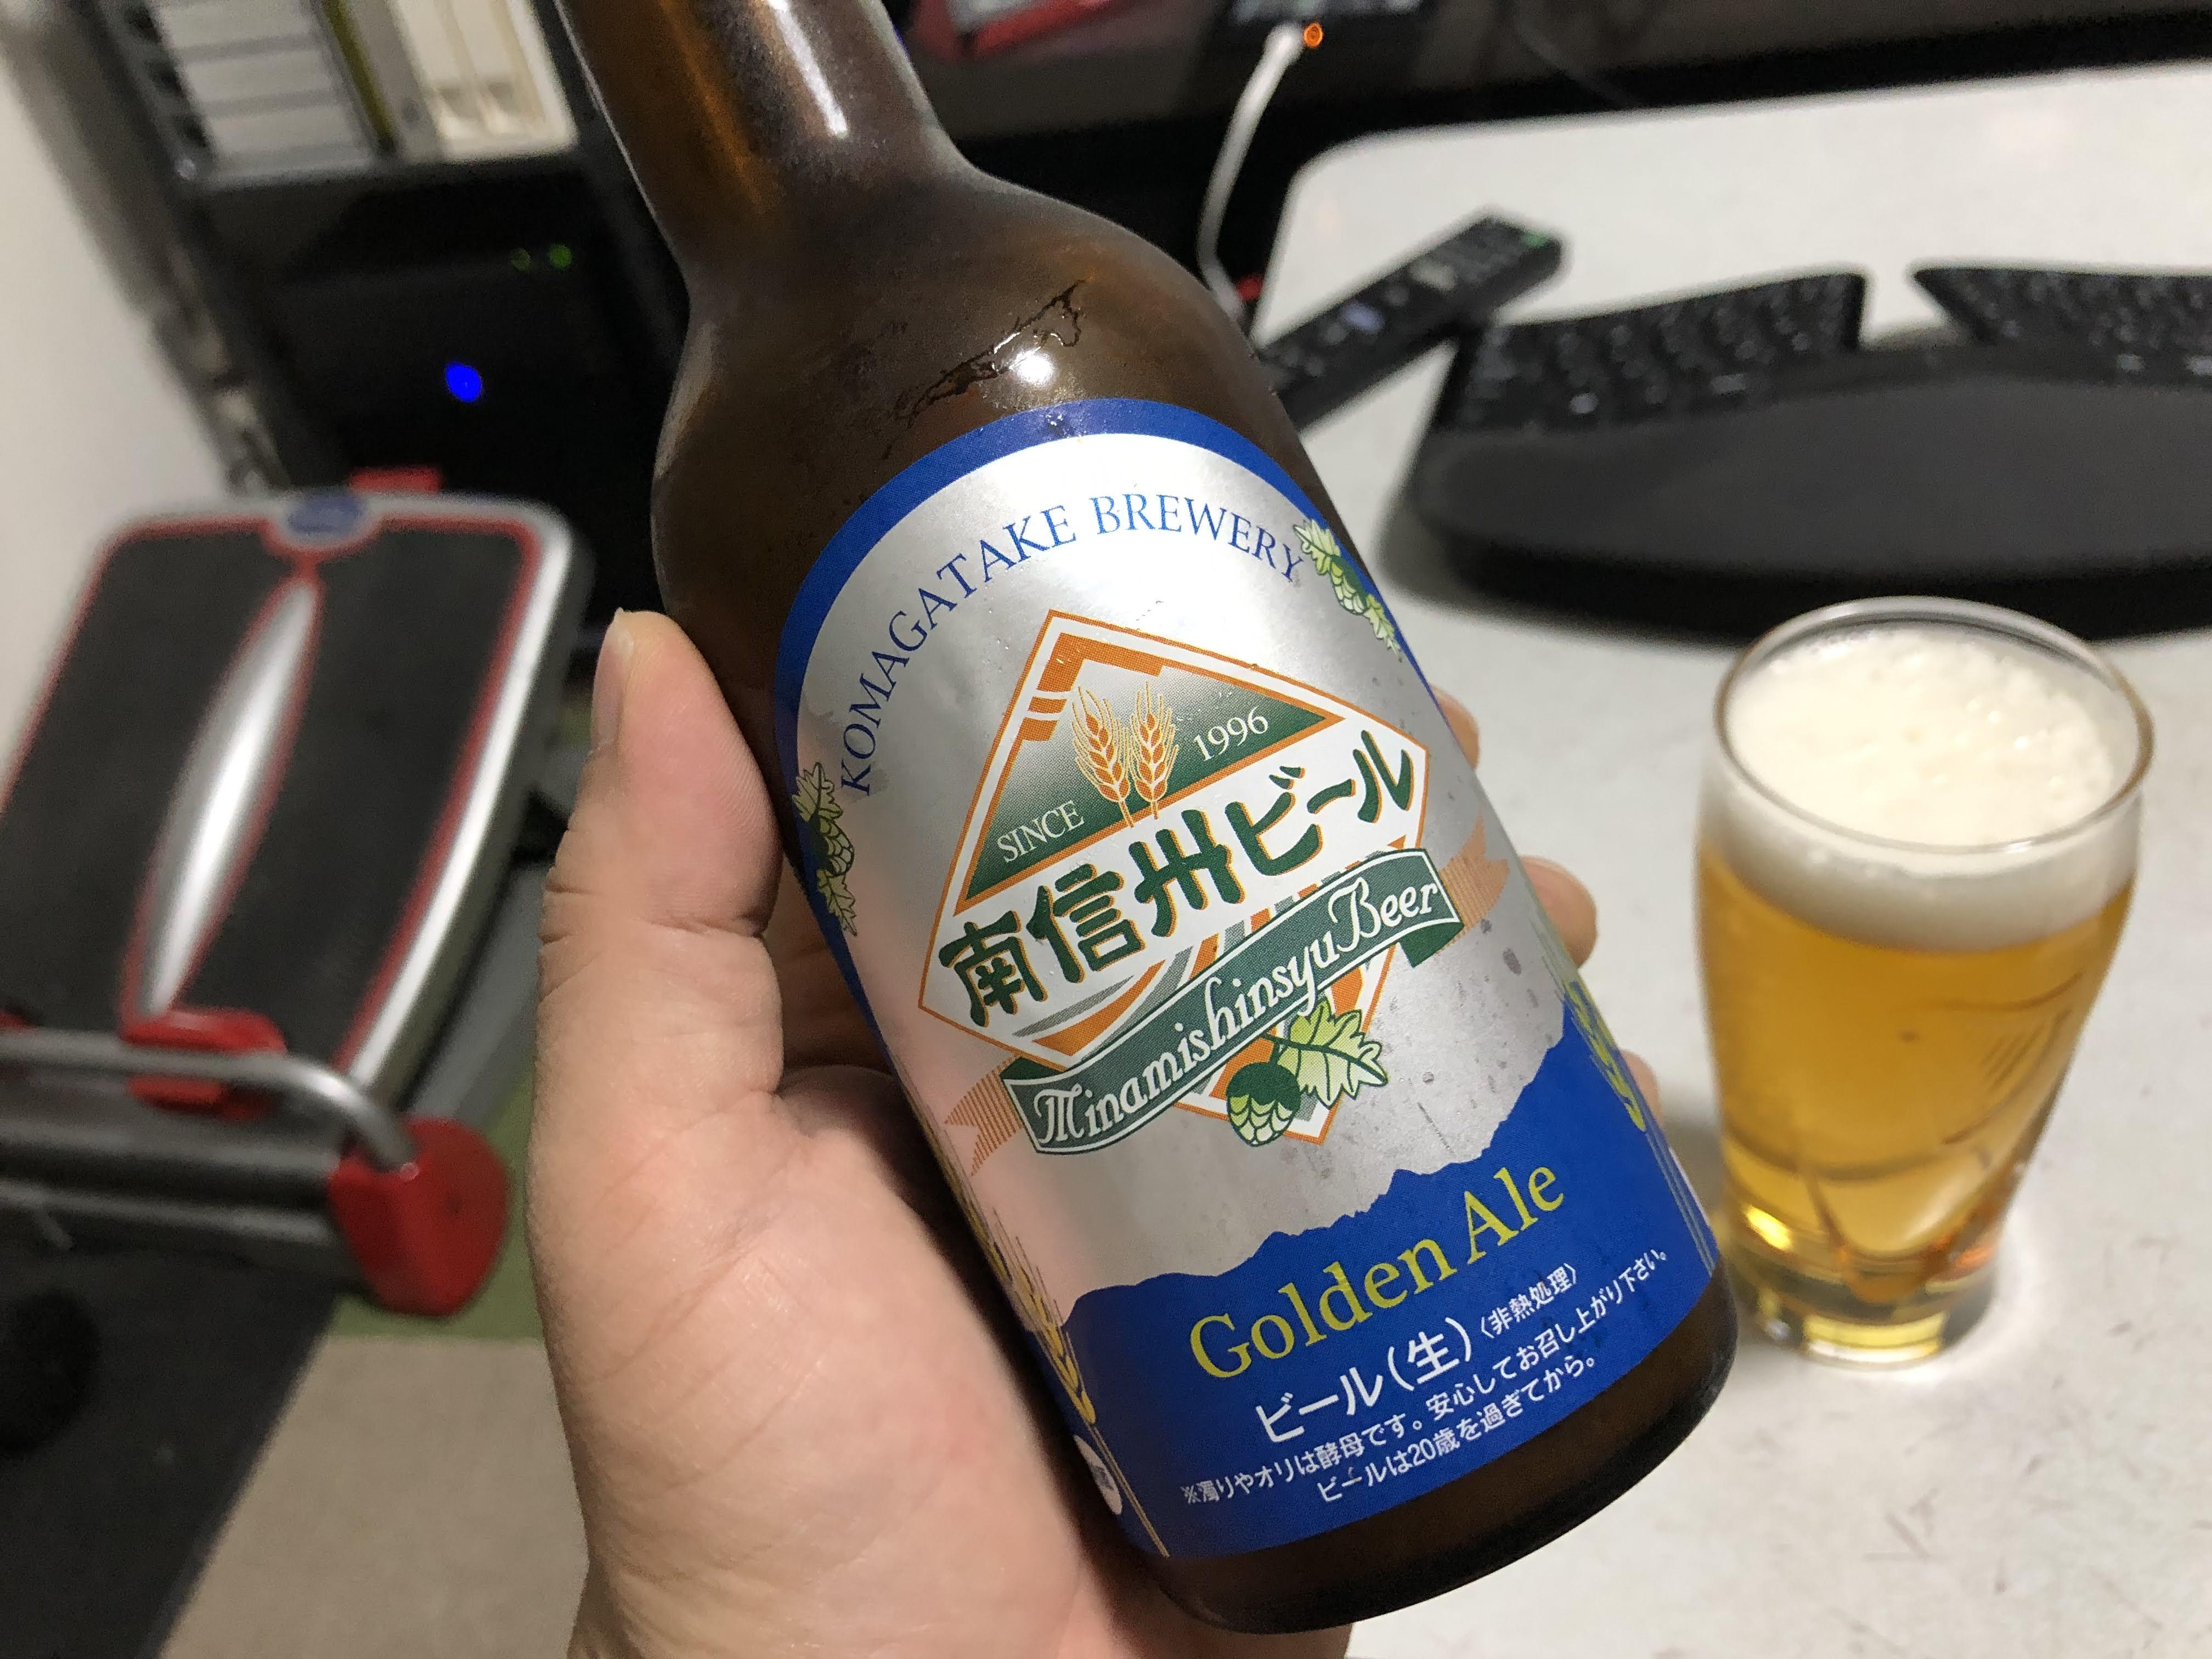 地ビールを飲もう – 南信州ビール ゴールデンエール/アンバーエール